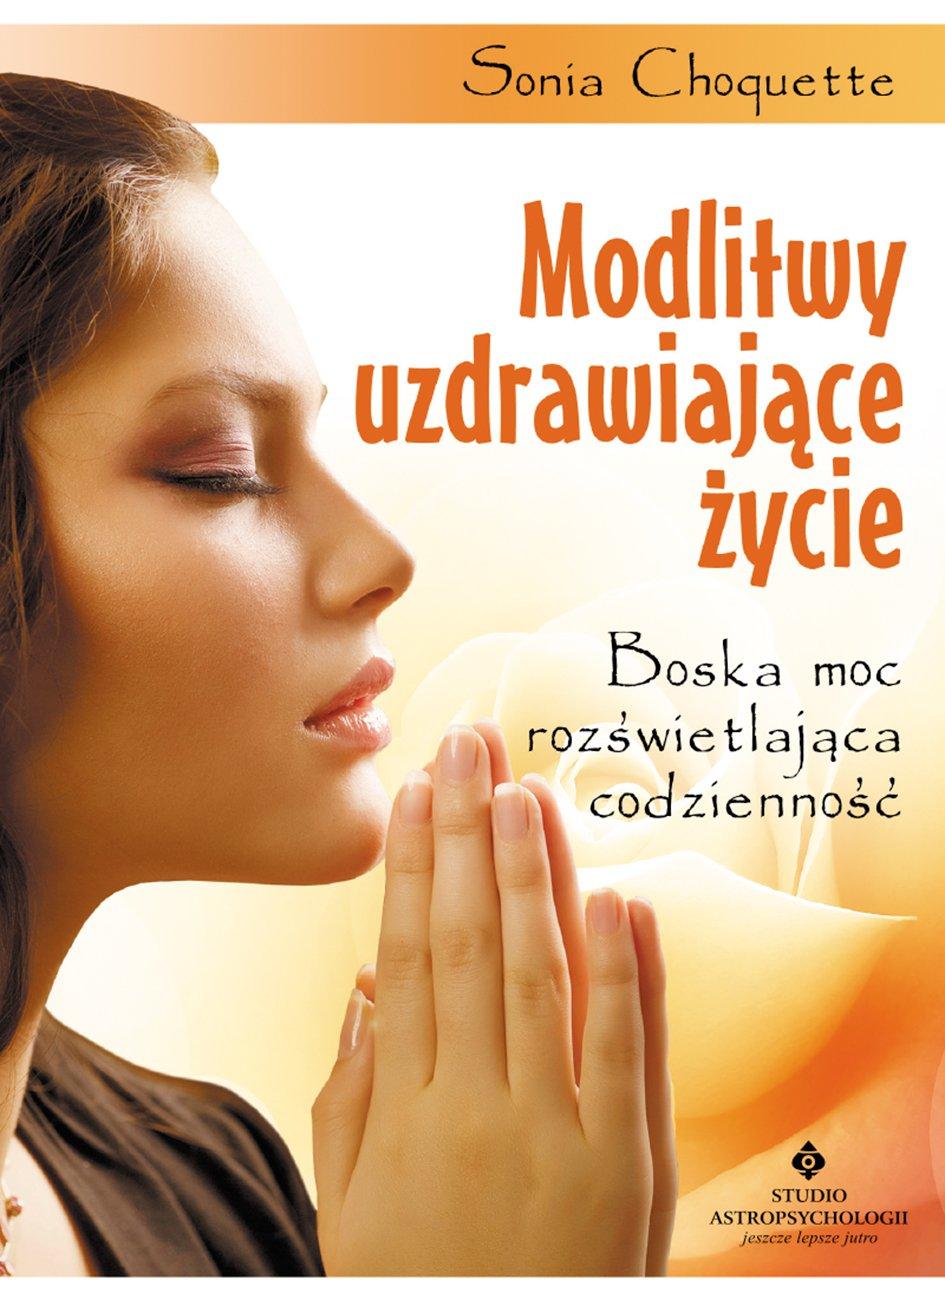 Modlitwy uzdrawiające życie. Boska moc rozświetlająca codzienność - Ebook (Książka EPUB) do pobrania w formacie EPUB